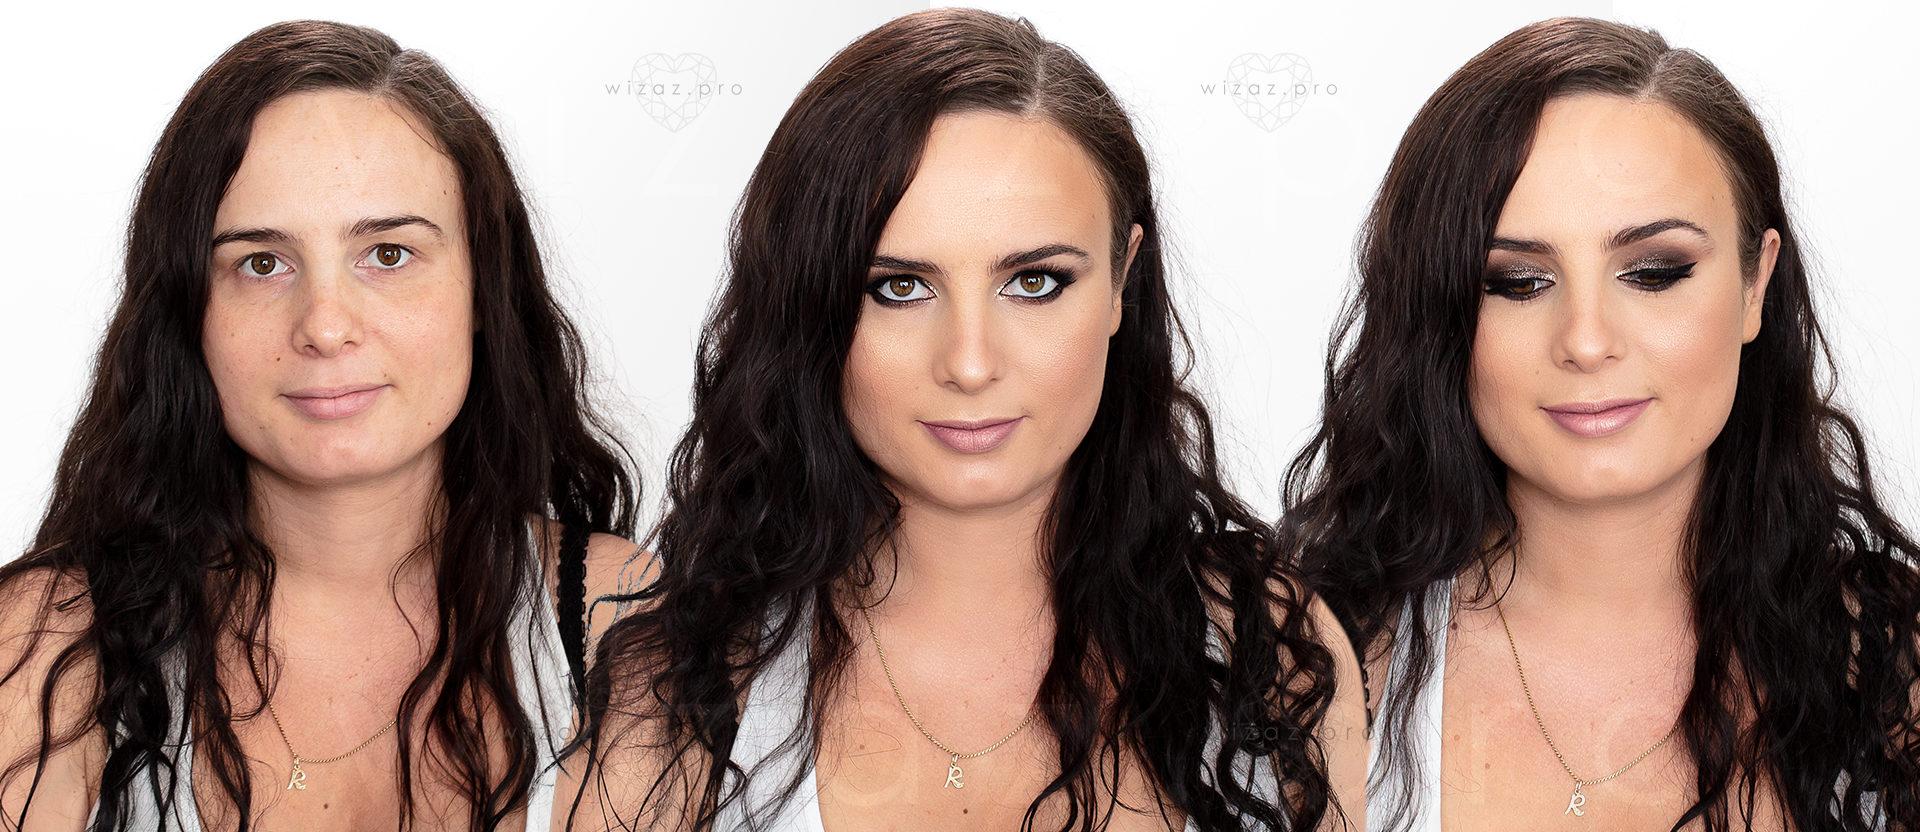 Ciemne smoky eye – makijaż ślubny dla brunetki z ciemnymi piwnymi oczami